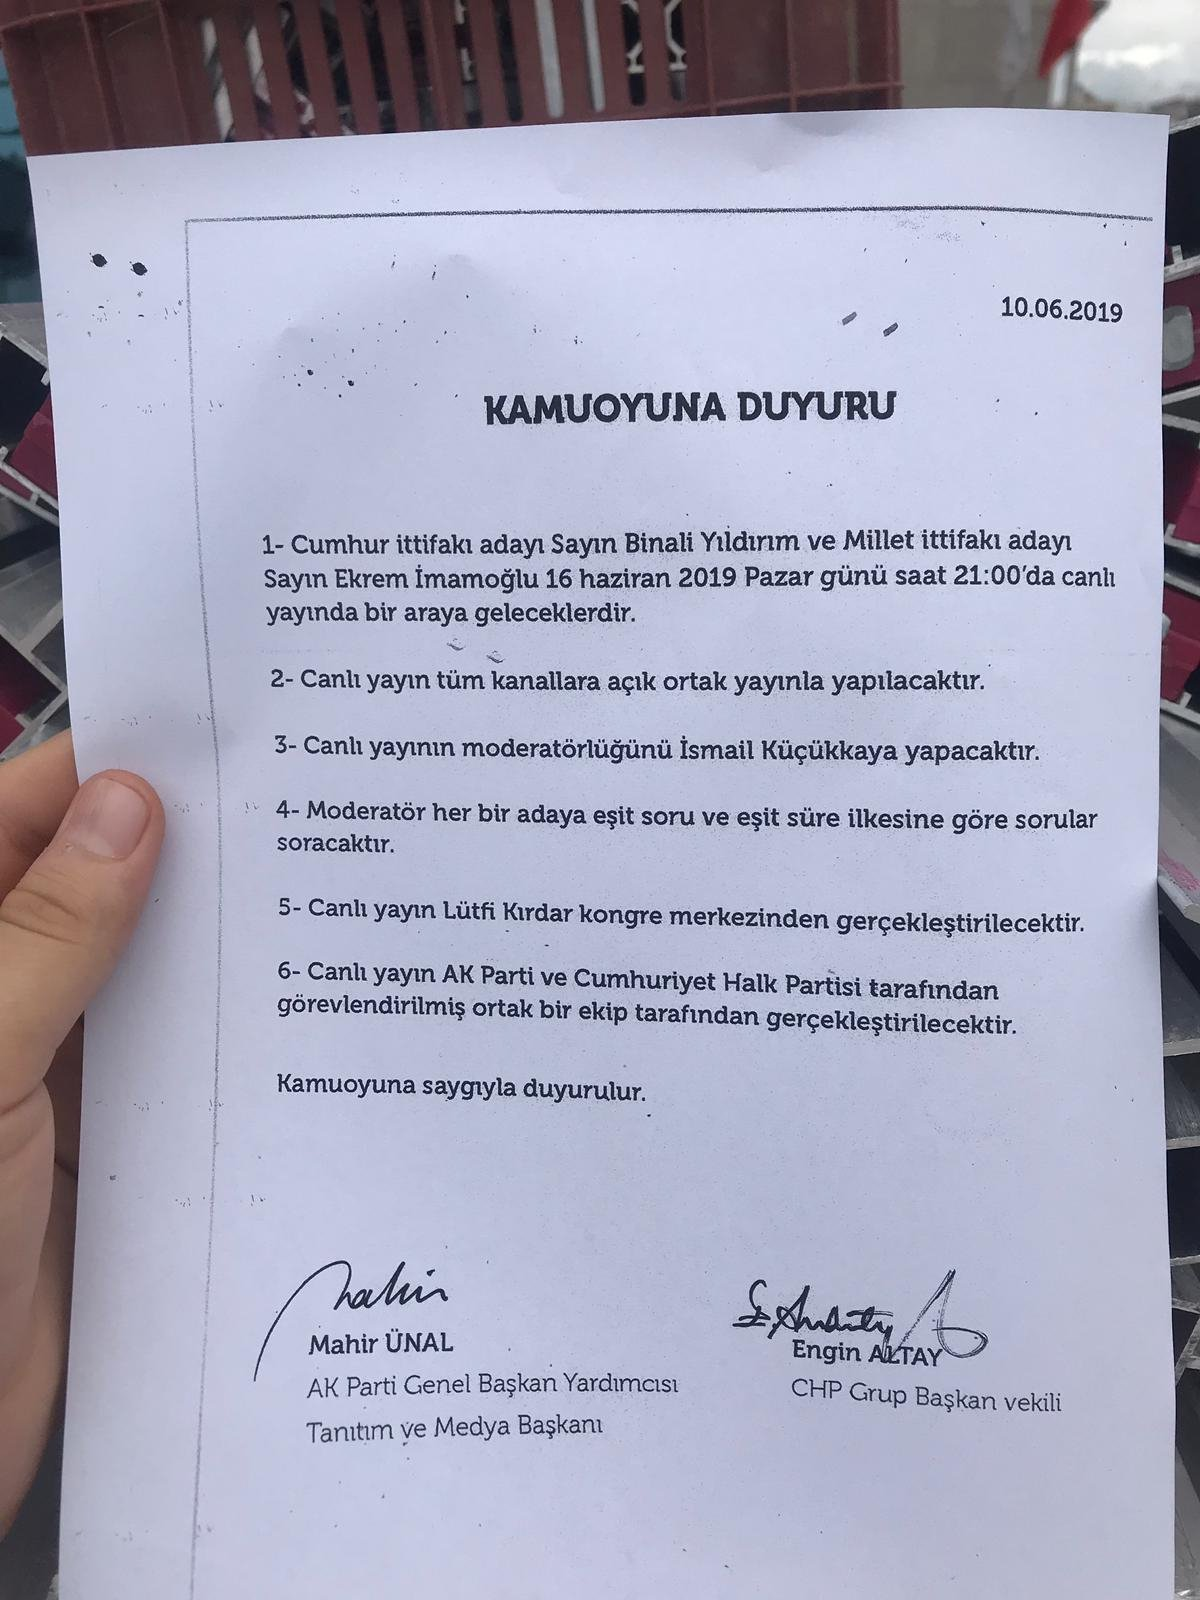 İŞTE, ORTAK CANLI YAYININ PROTOKOLÜ..